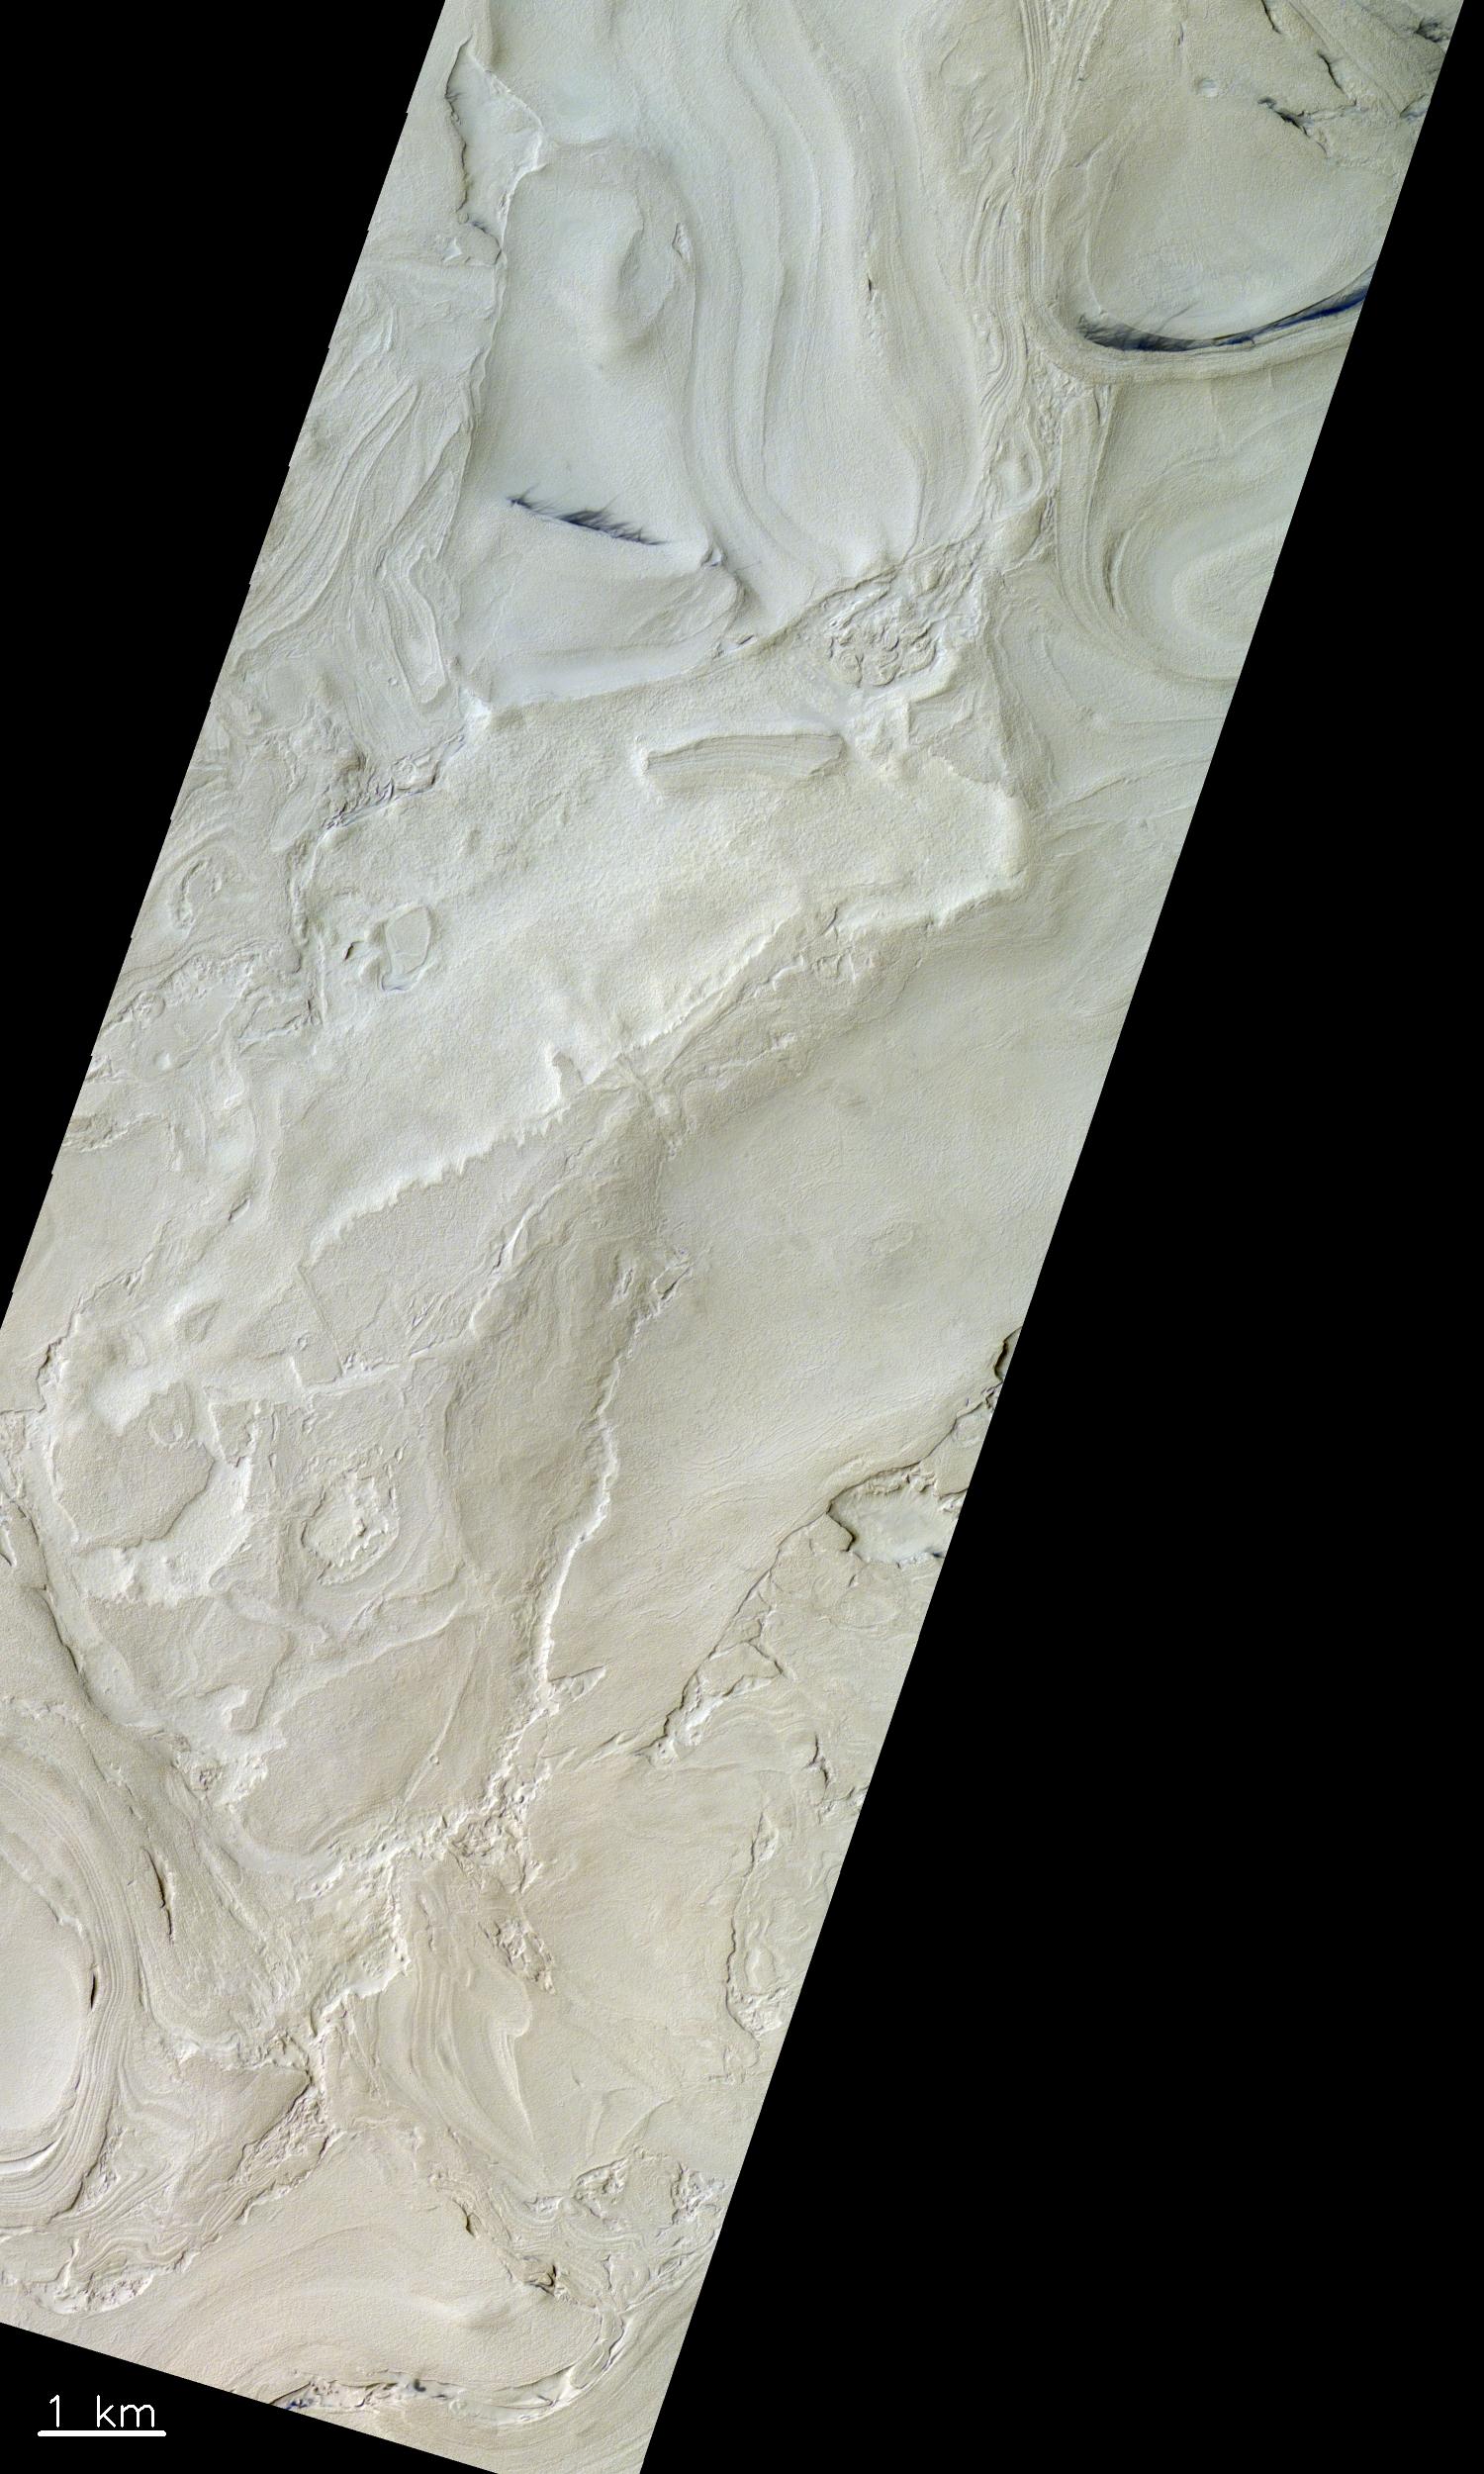 Ein Gebiet in der Region des Hellas-Beckens auf dem Mars. Dieses Bild stammt aus dem westlichen Teil des Beckens, in der sich die tiefgelegensten Stellen des Mars befinden (bis zu 7 km unter der definierten Nulllinie). © ESA/Roscosmos/CaSSIS